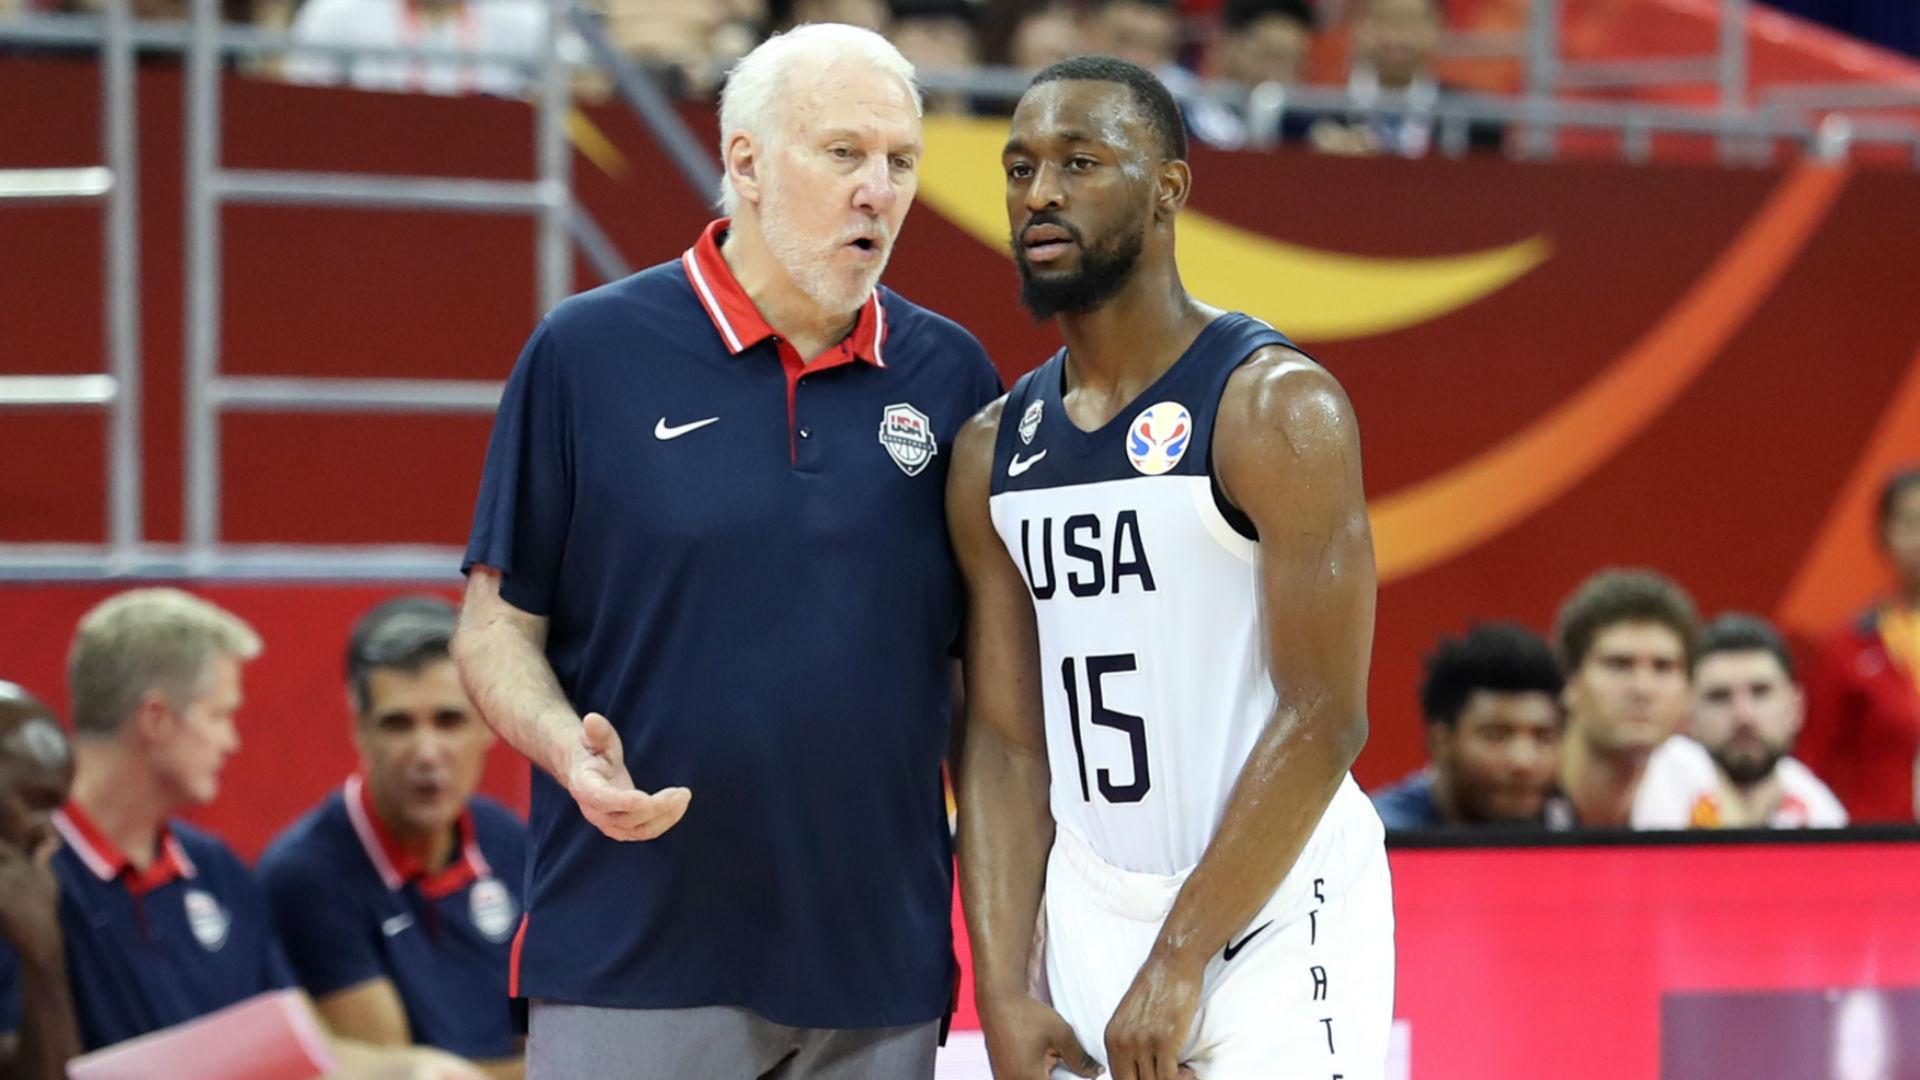 FIBA Basketball World Cup 2019: What's next for USA Basketball?